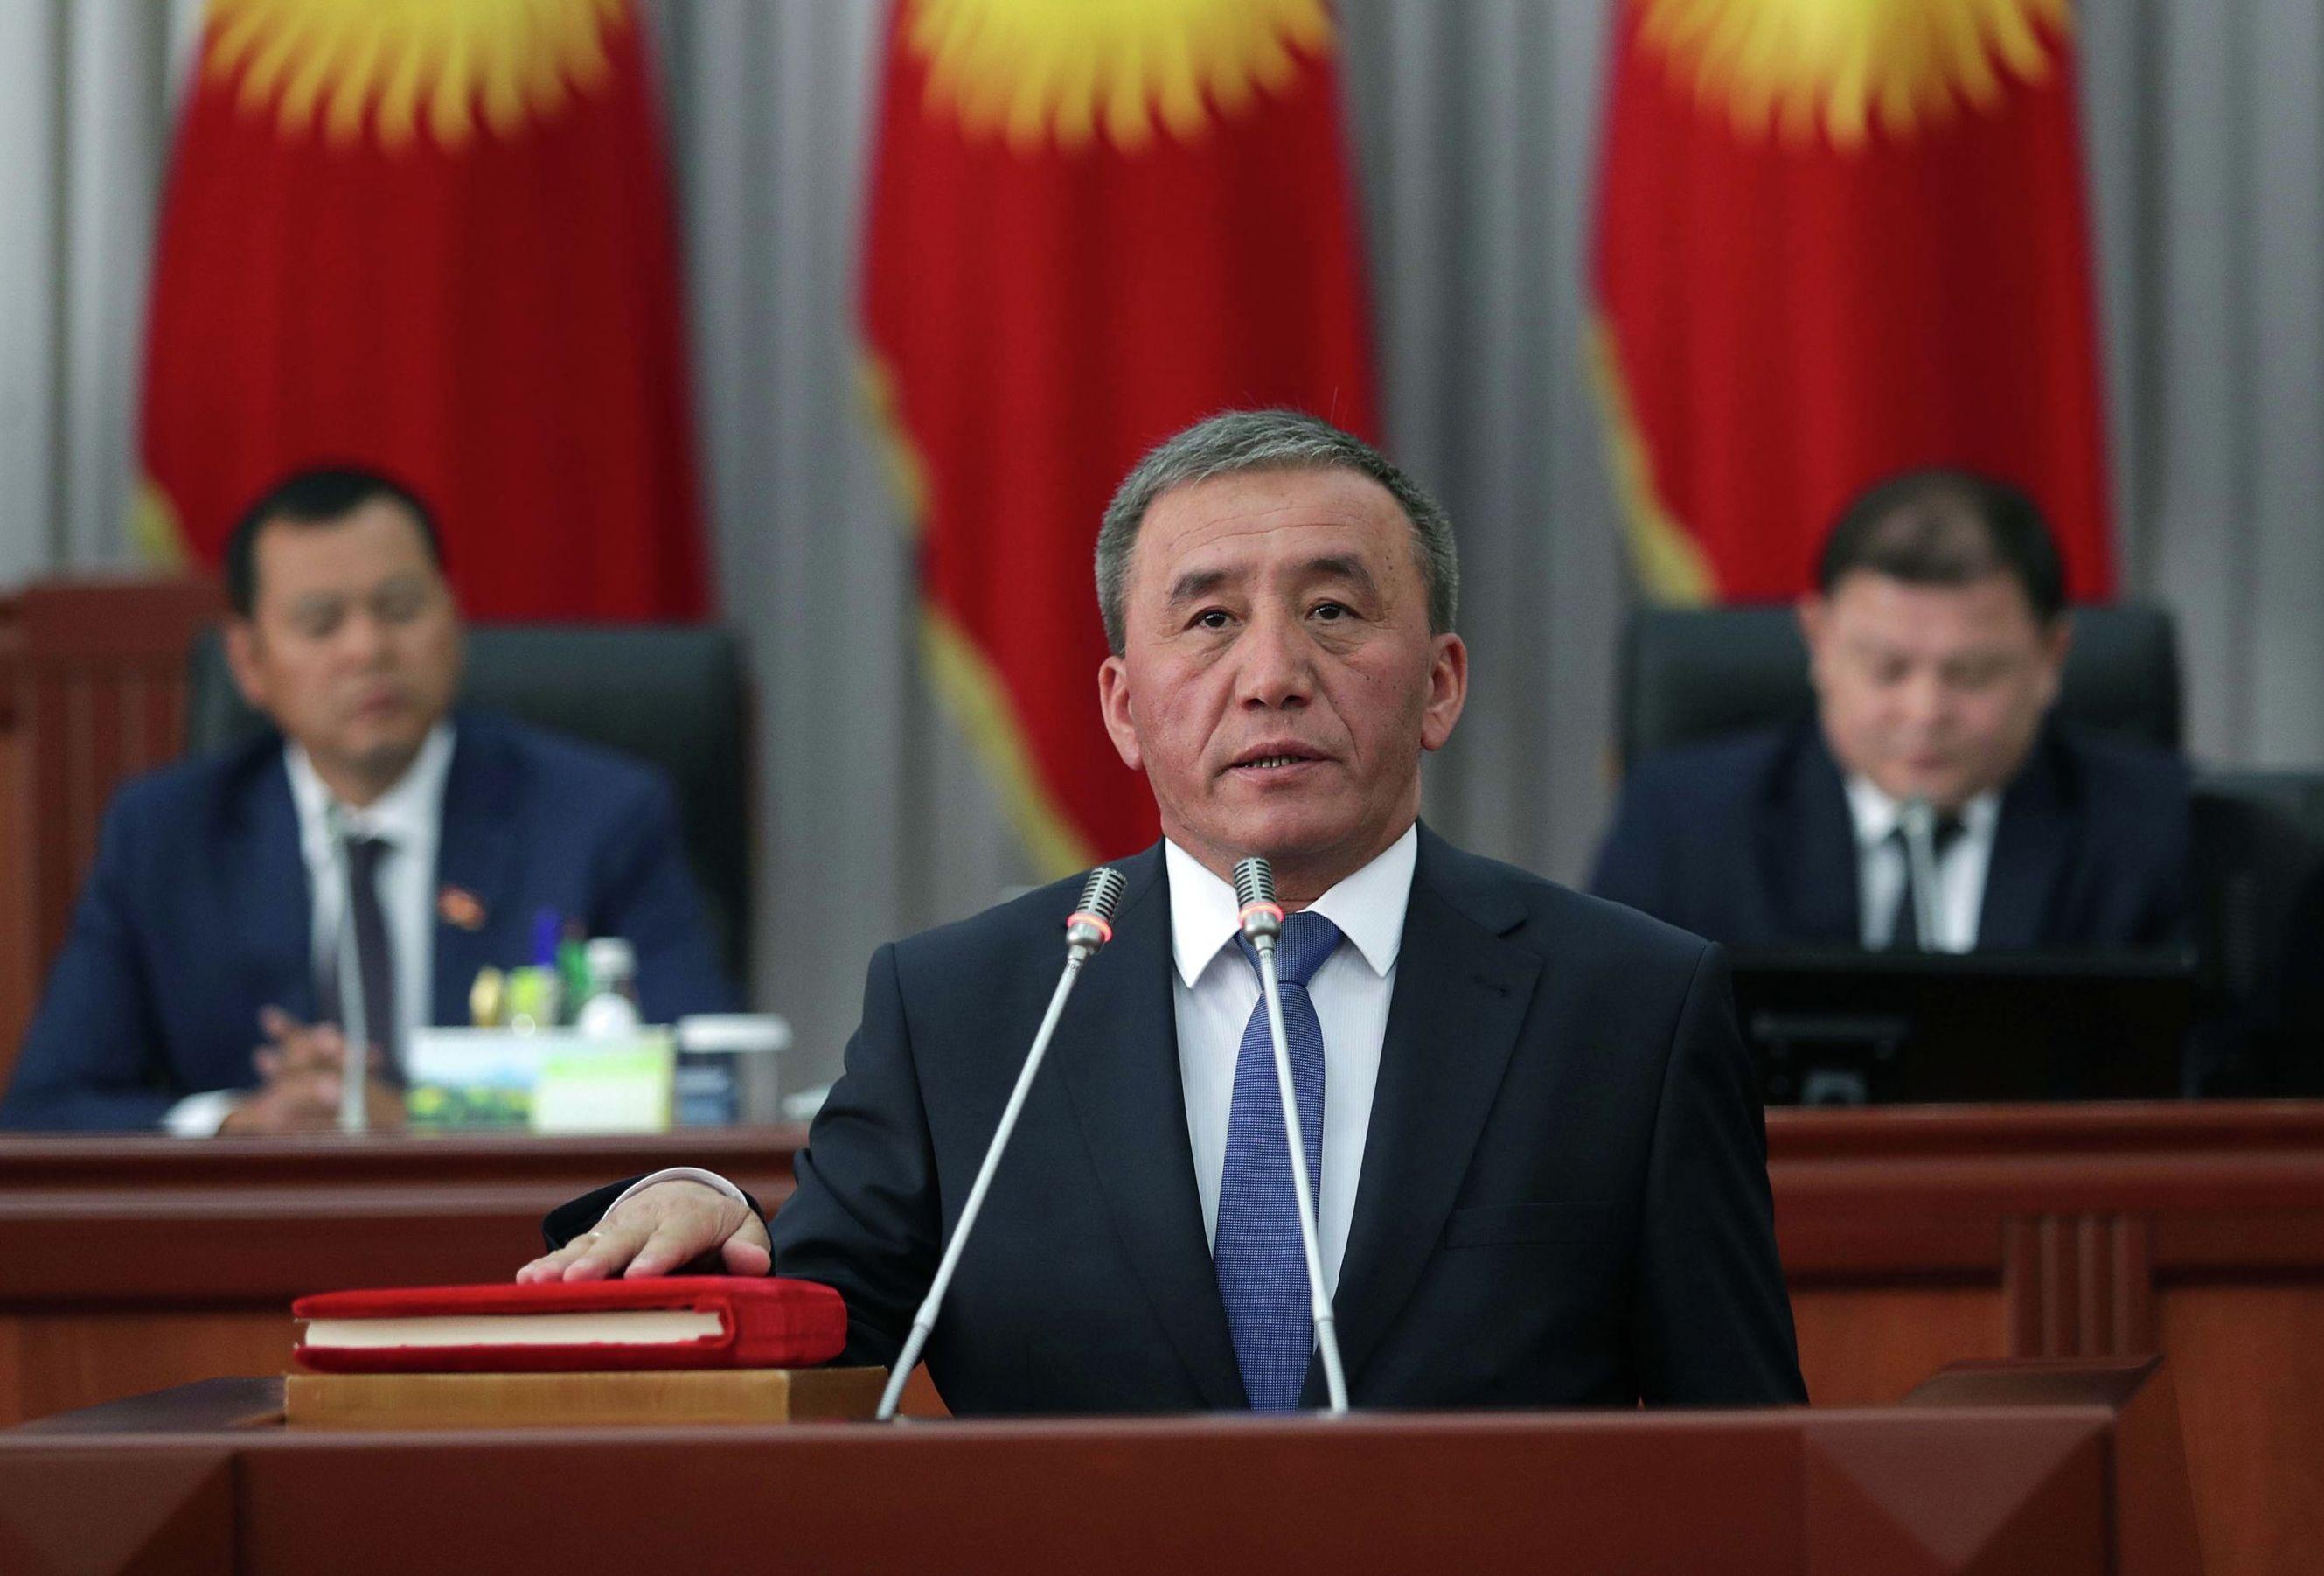 Министр сельского хозяйства, пищевой промышленности и мелиорации Эркинбек Чодуев во время дачи присяги в Жогорку Кенеше